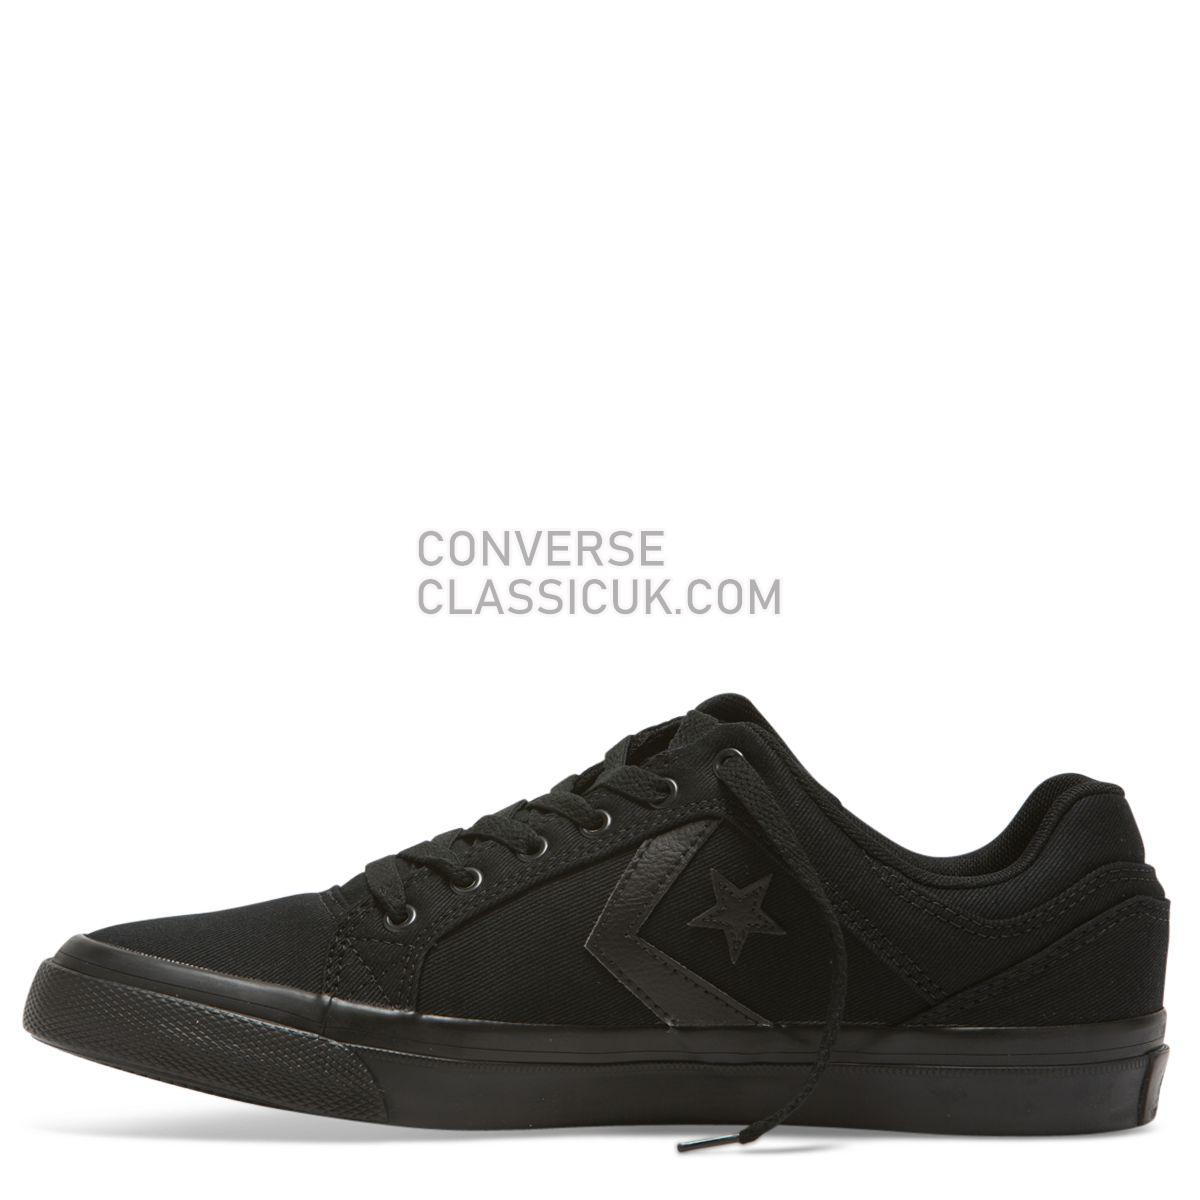 Converse CONS El Distrito Canvas Low Top Black/Black Mens 159786 Black/Black/Black Shoes